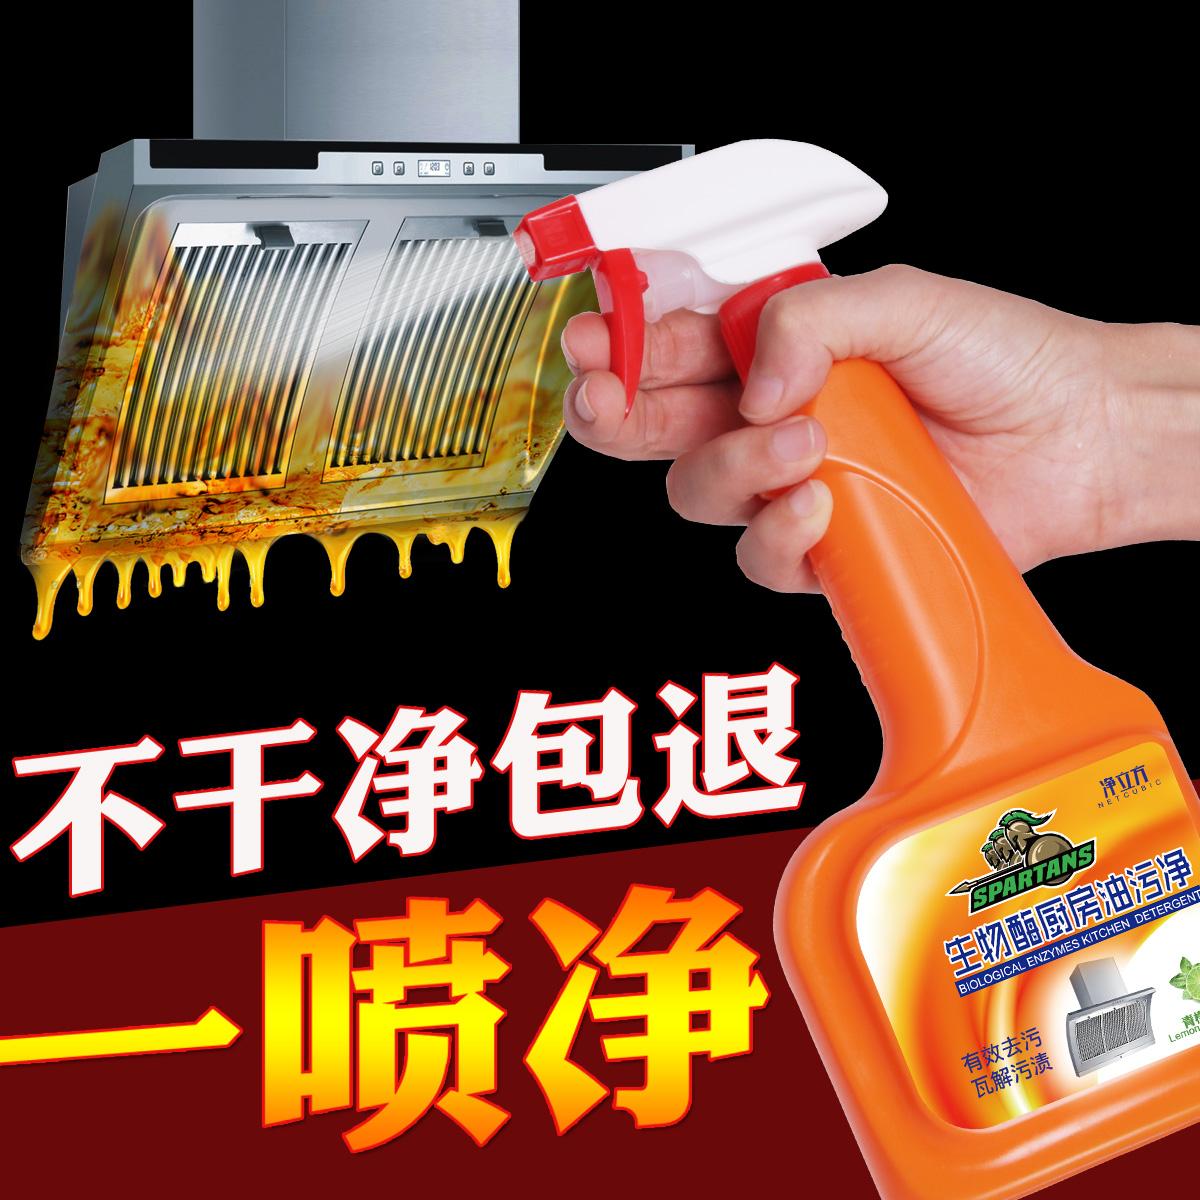 家用厨房多功能清洁剂强力去污重油污净除垢洗抽油烟机的清洗泡沫